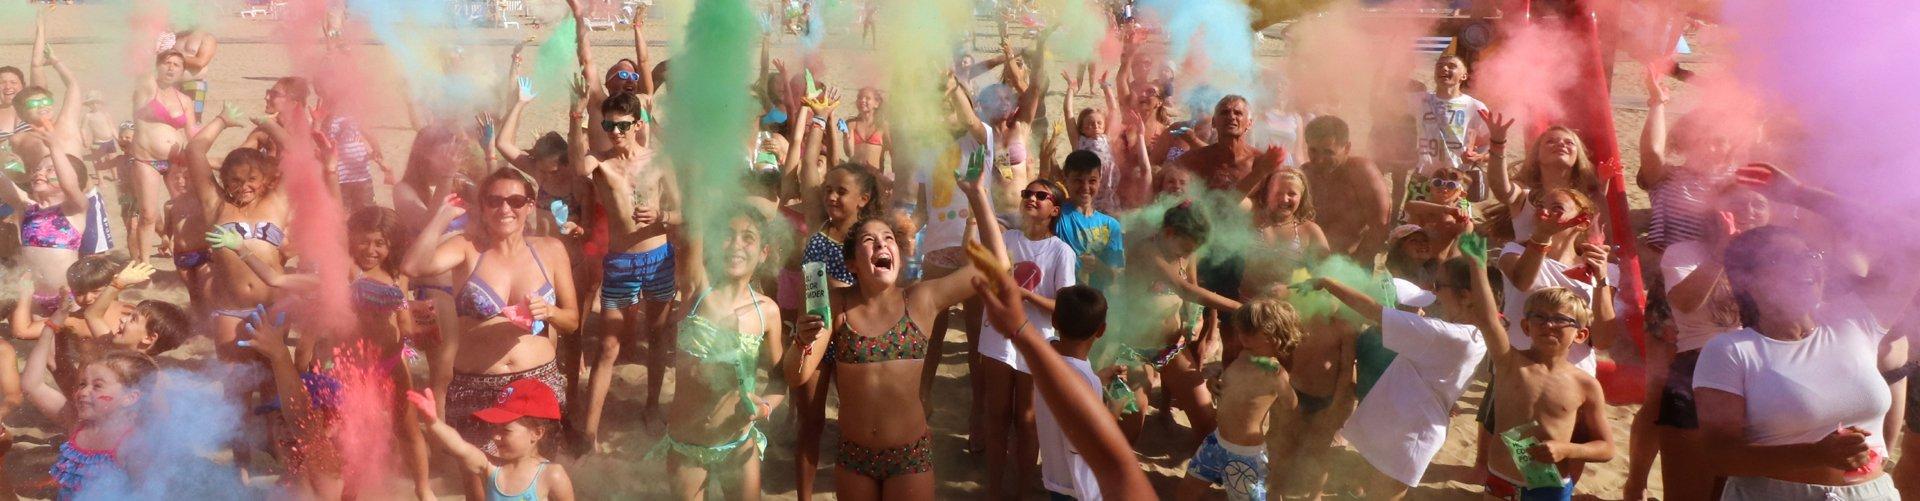 Banner 1 garden paradiso - colour party